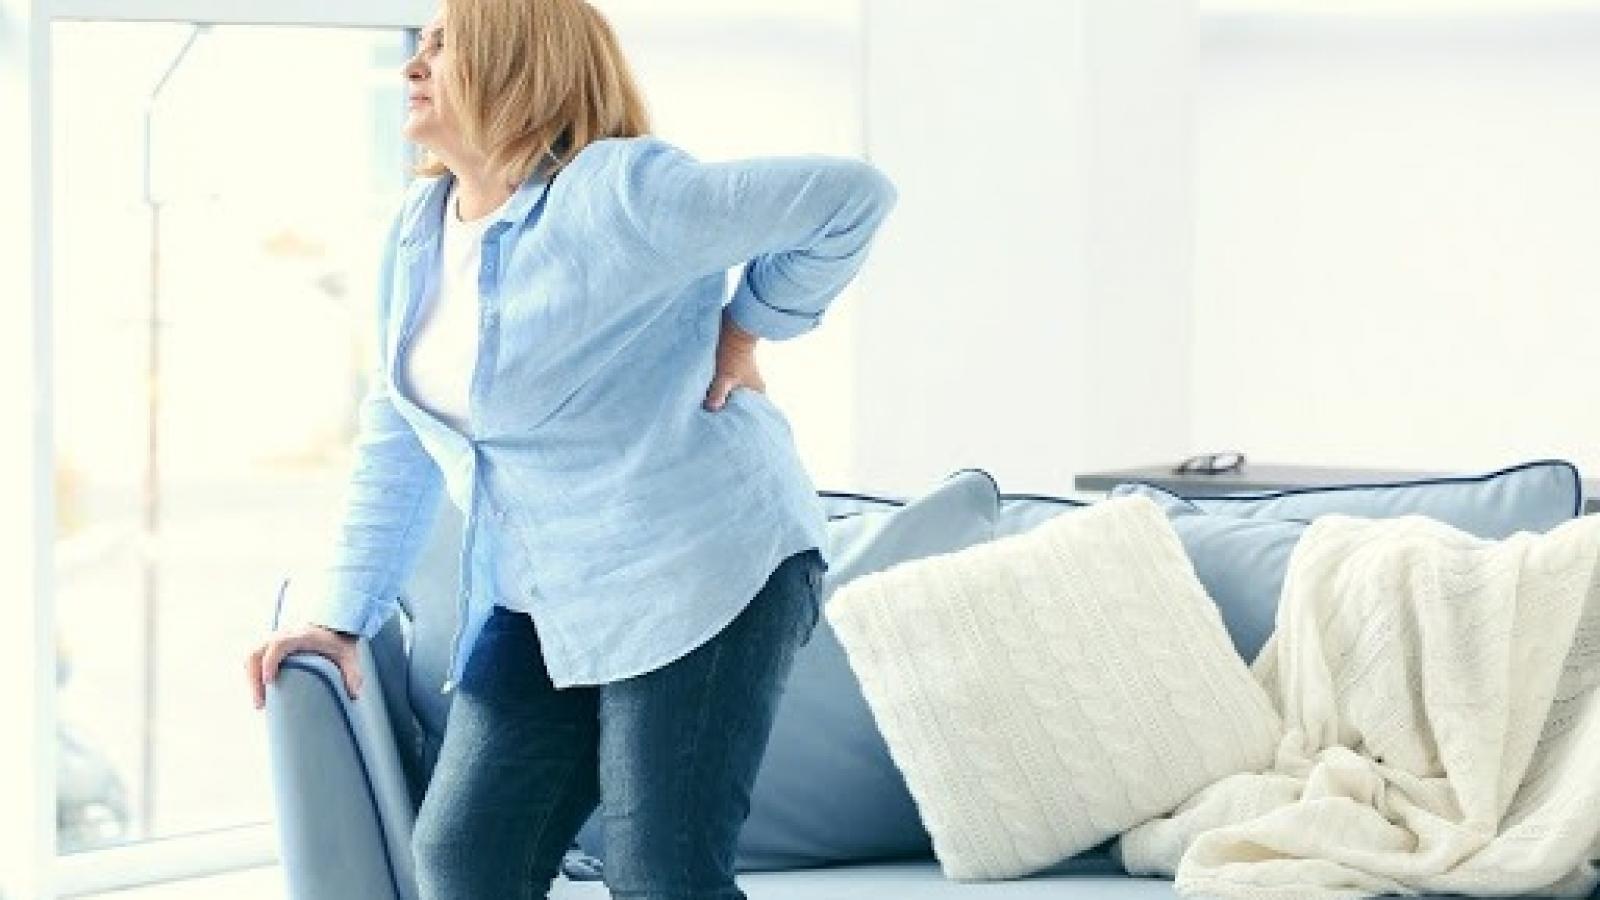 clinica de cirurgia plastica em santos dra ana lucia lemos reduçao mamaria dores nas costas